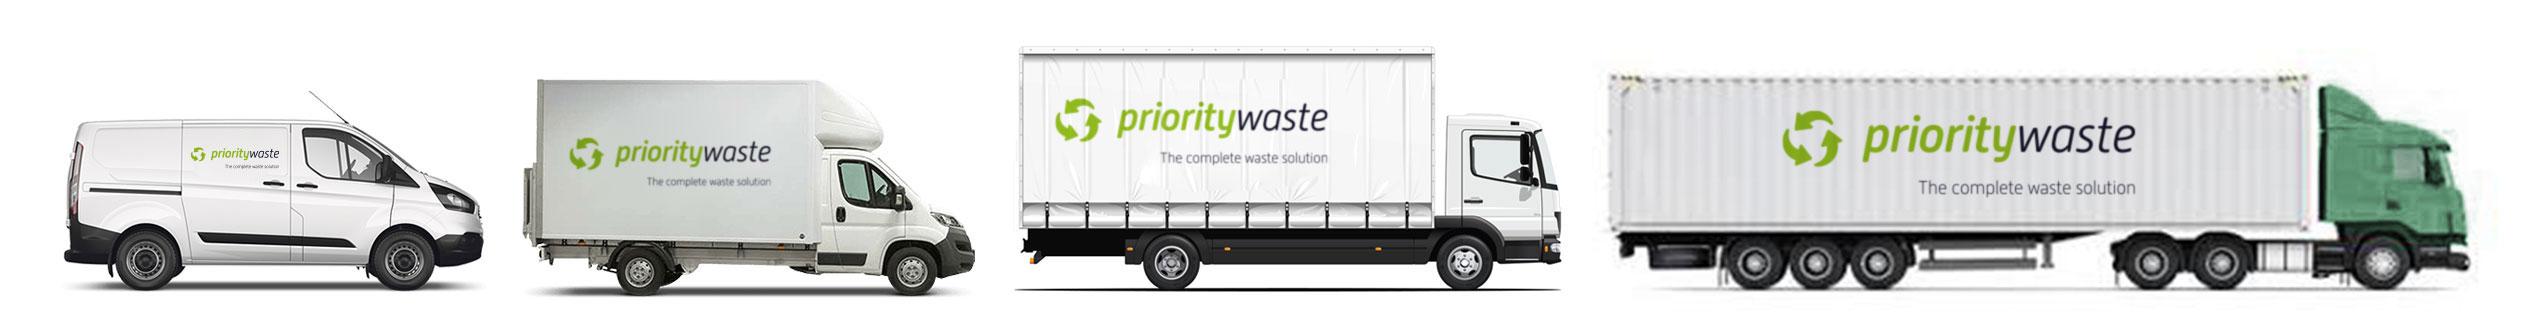 Priority Waste Vans